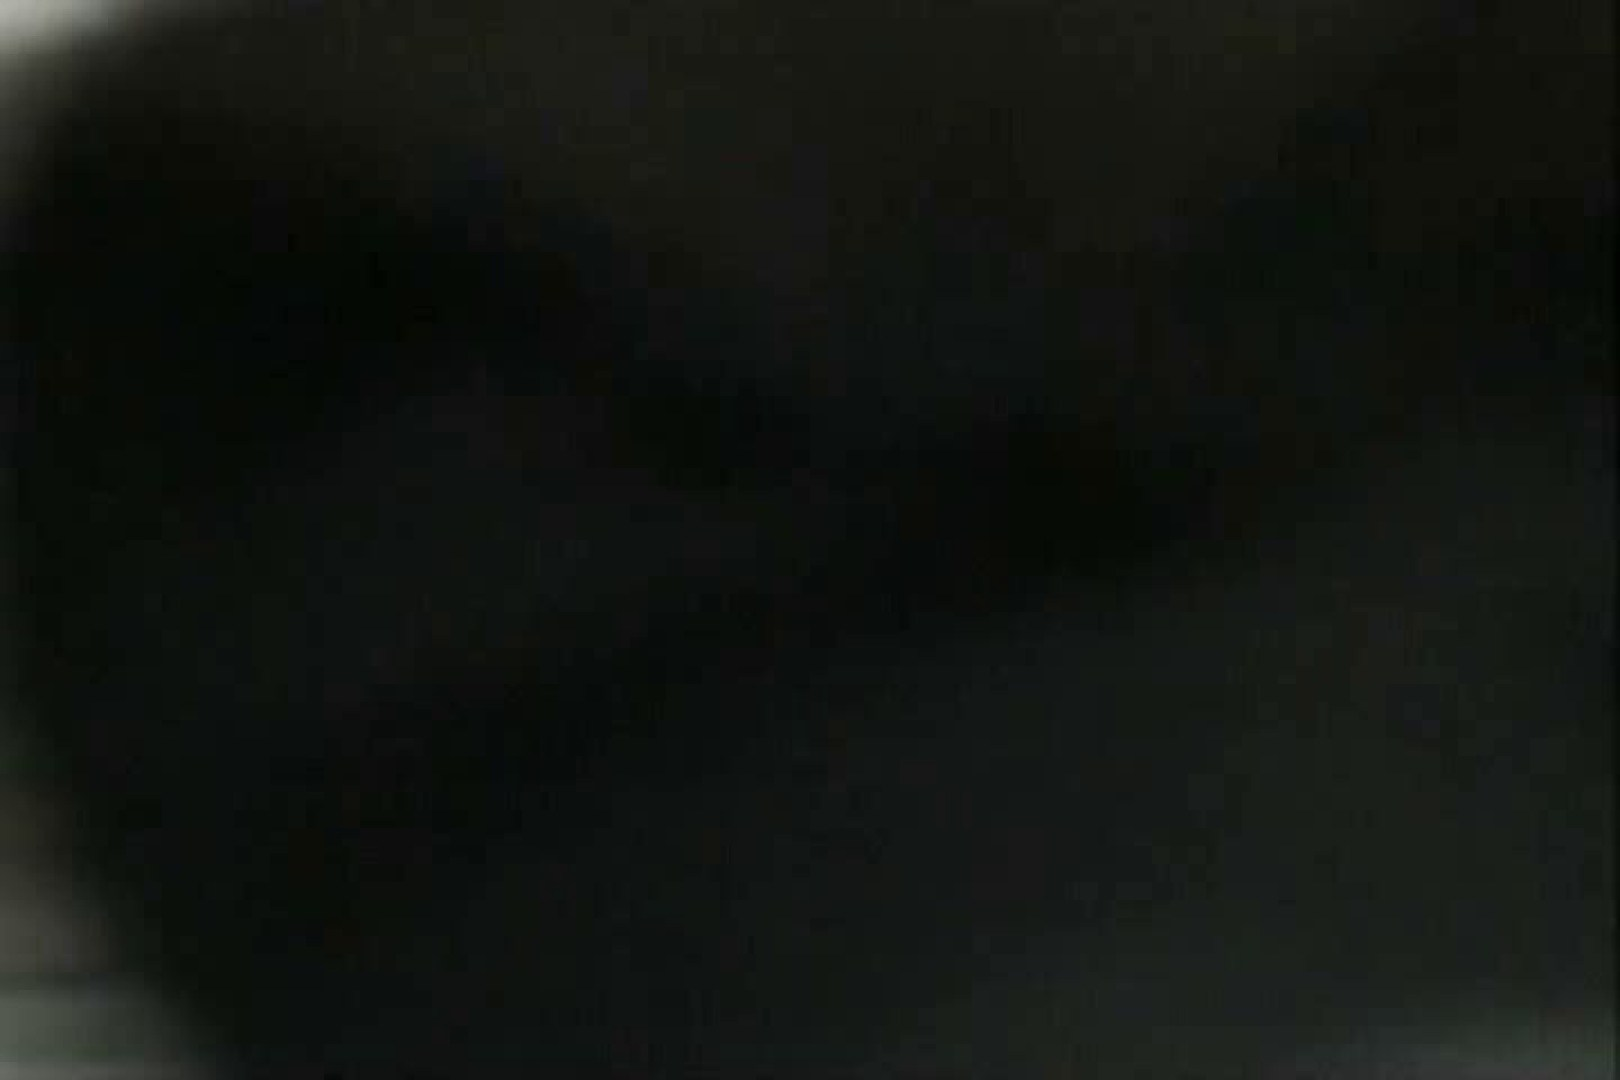 ぼっとん洗面所スペシャルVol.4 OLの実態 盗撮アダルト動画キャプチャ 30pic 17